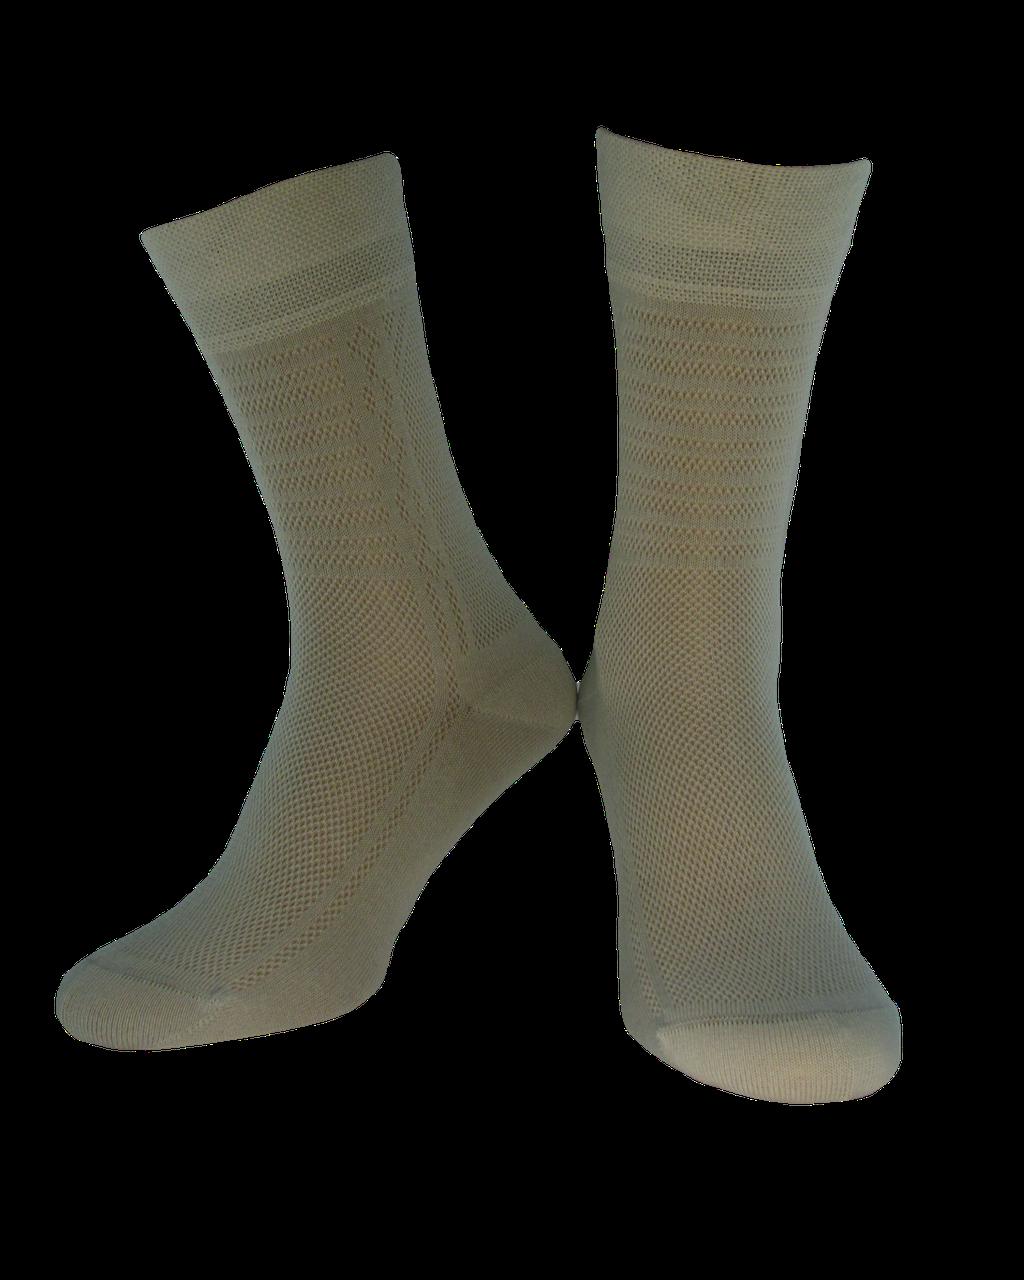 Шкарпетки чоловічі Дюна 226 світло-сірий